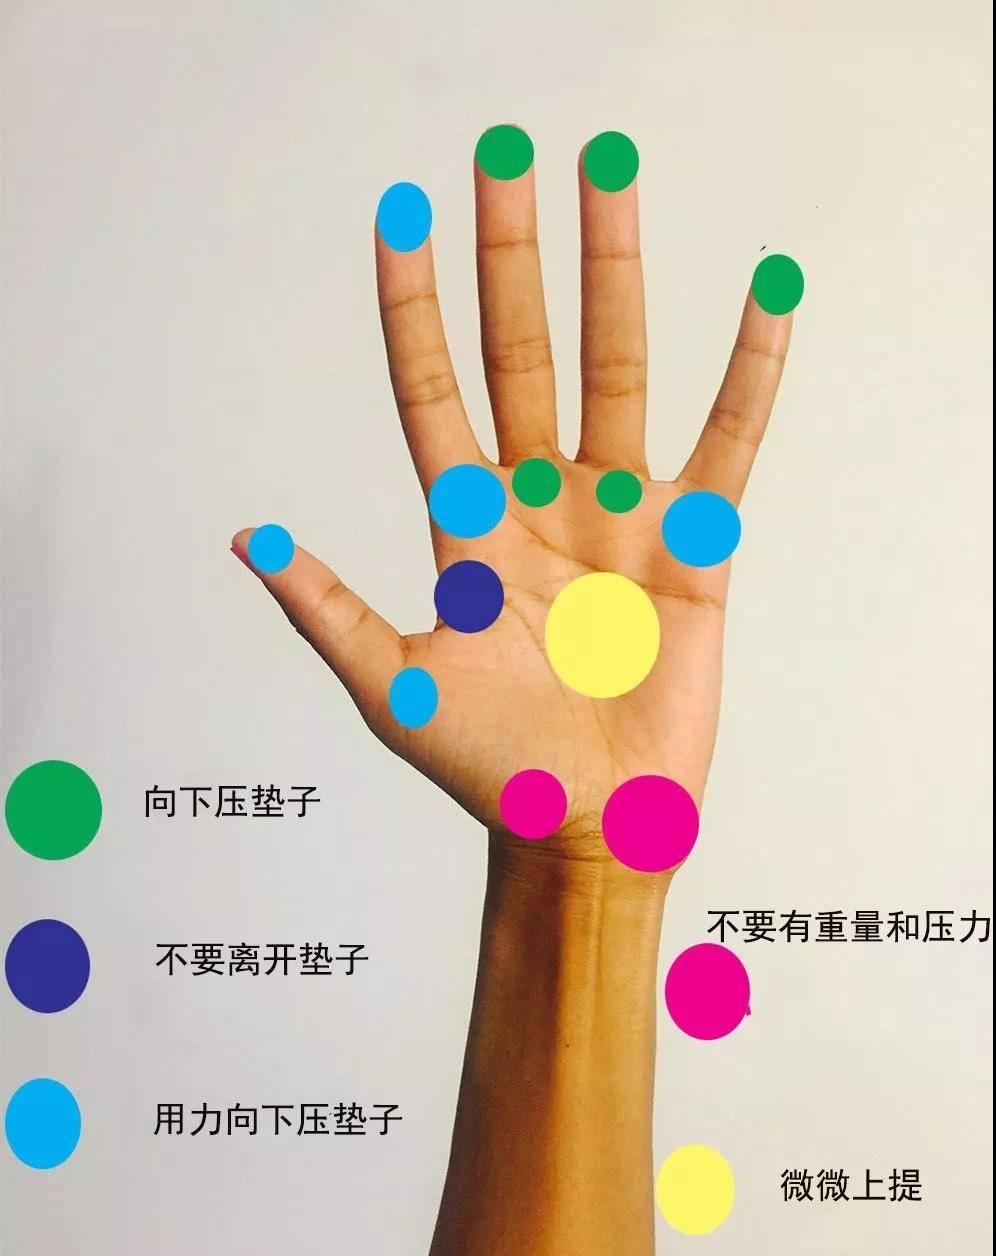 瑜伽前热身要全面,十个拉伸手腕的动作,看完避免伤害_手掌 知识百科 第1张